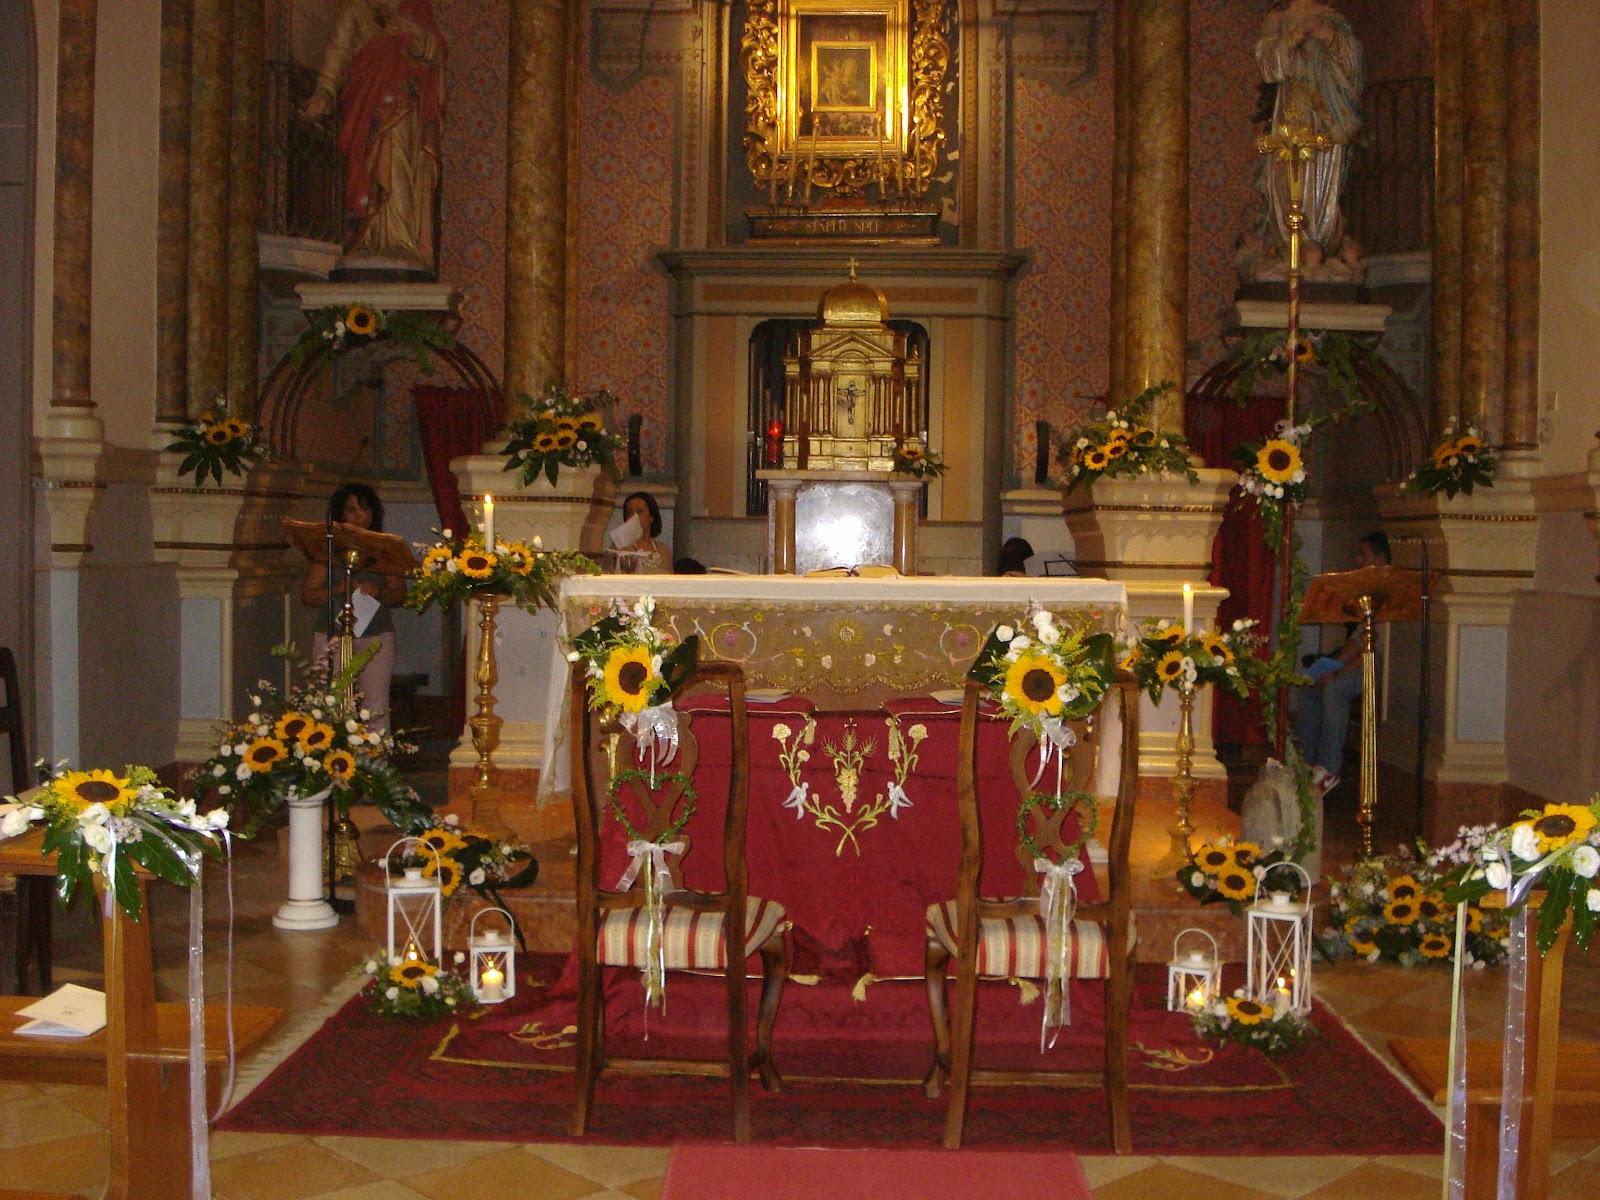 Matrimonio Girasoli Chiesa : Addobbi chiesa matrimonio con girasoli migliore